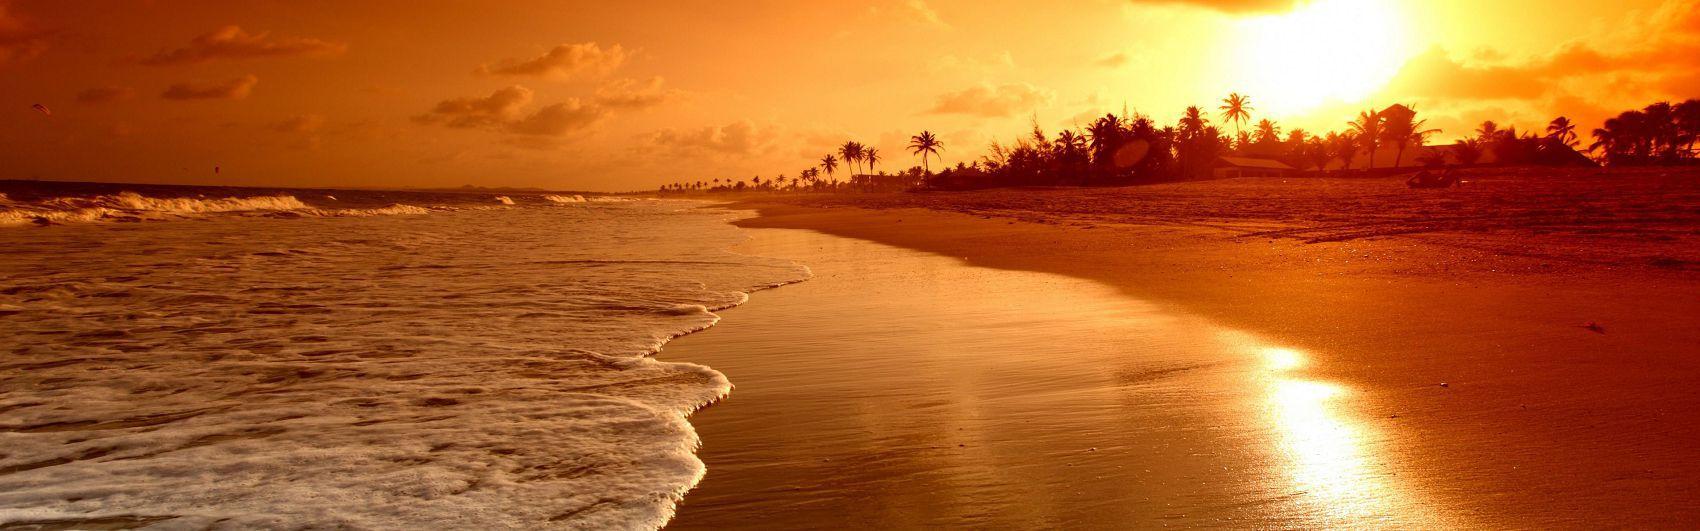 Панорама моря вид на пляж с закатом